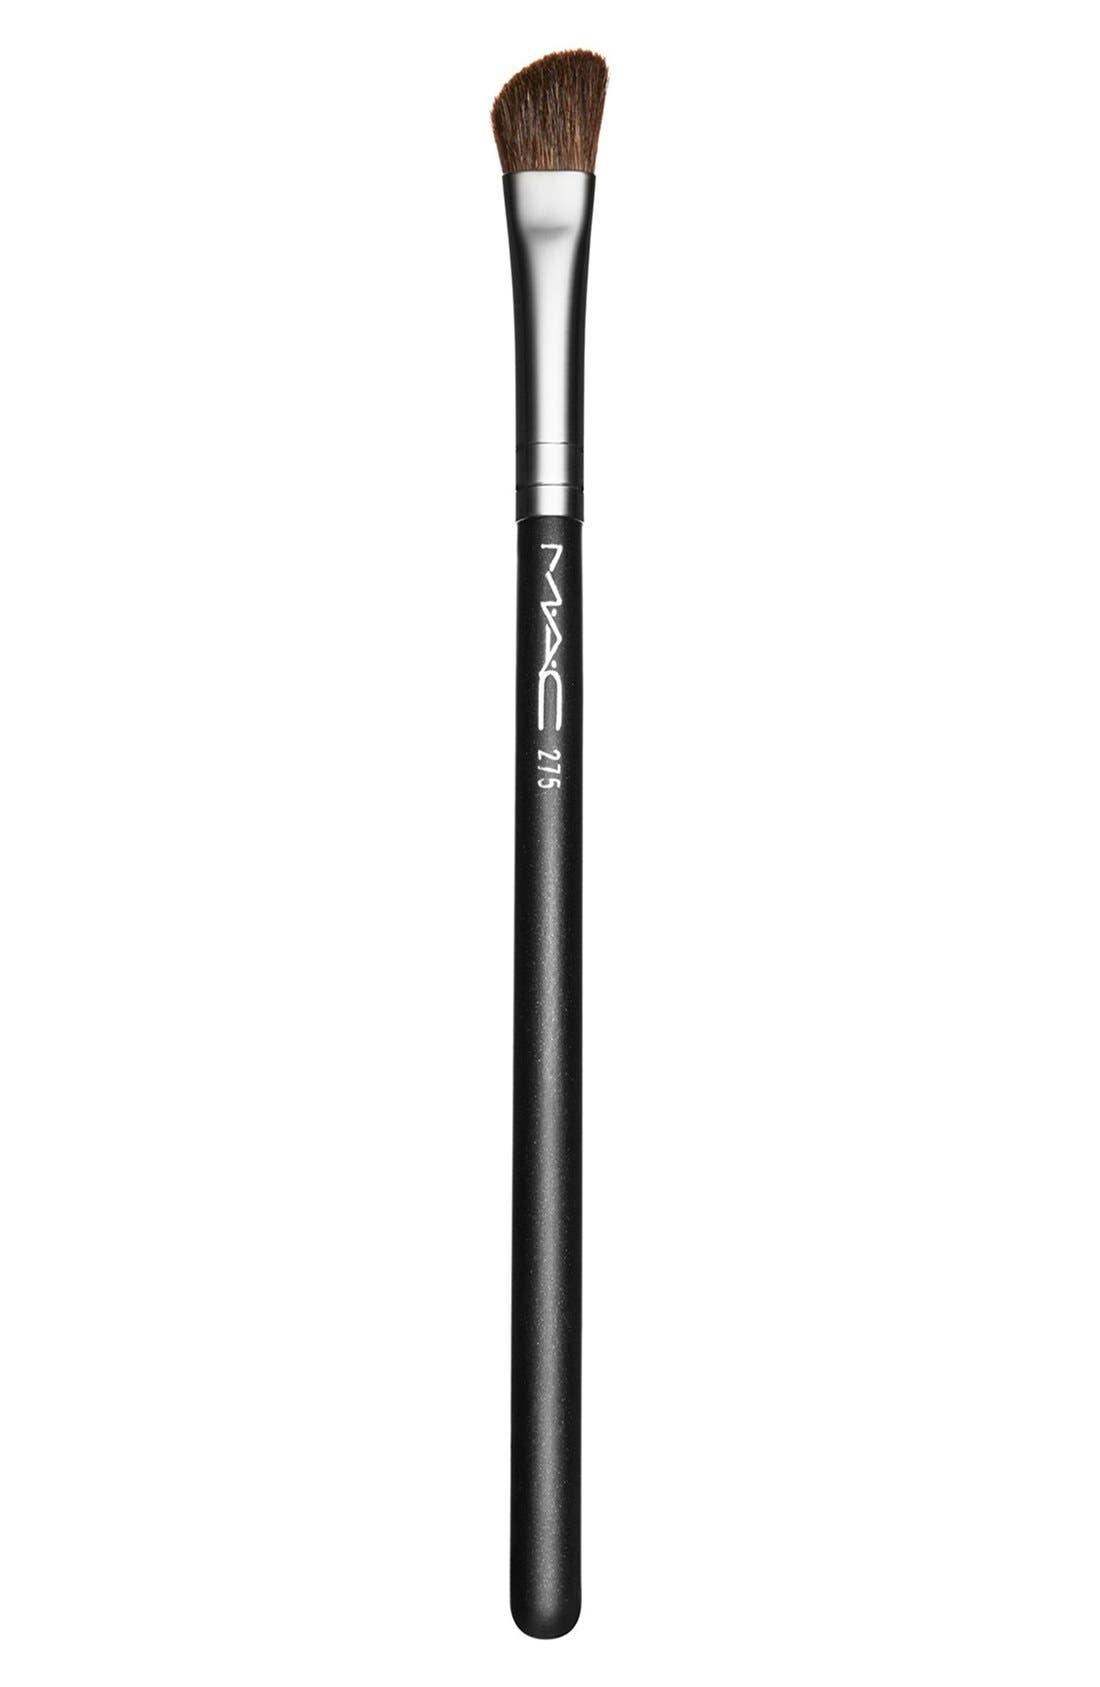 MAC 275 Medium Angled Shading Brush,                             Main thumbnail 1, color,                             000